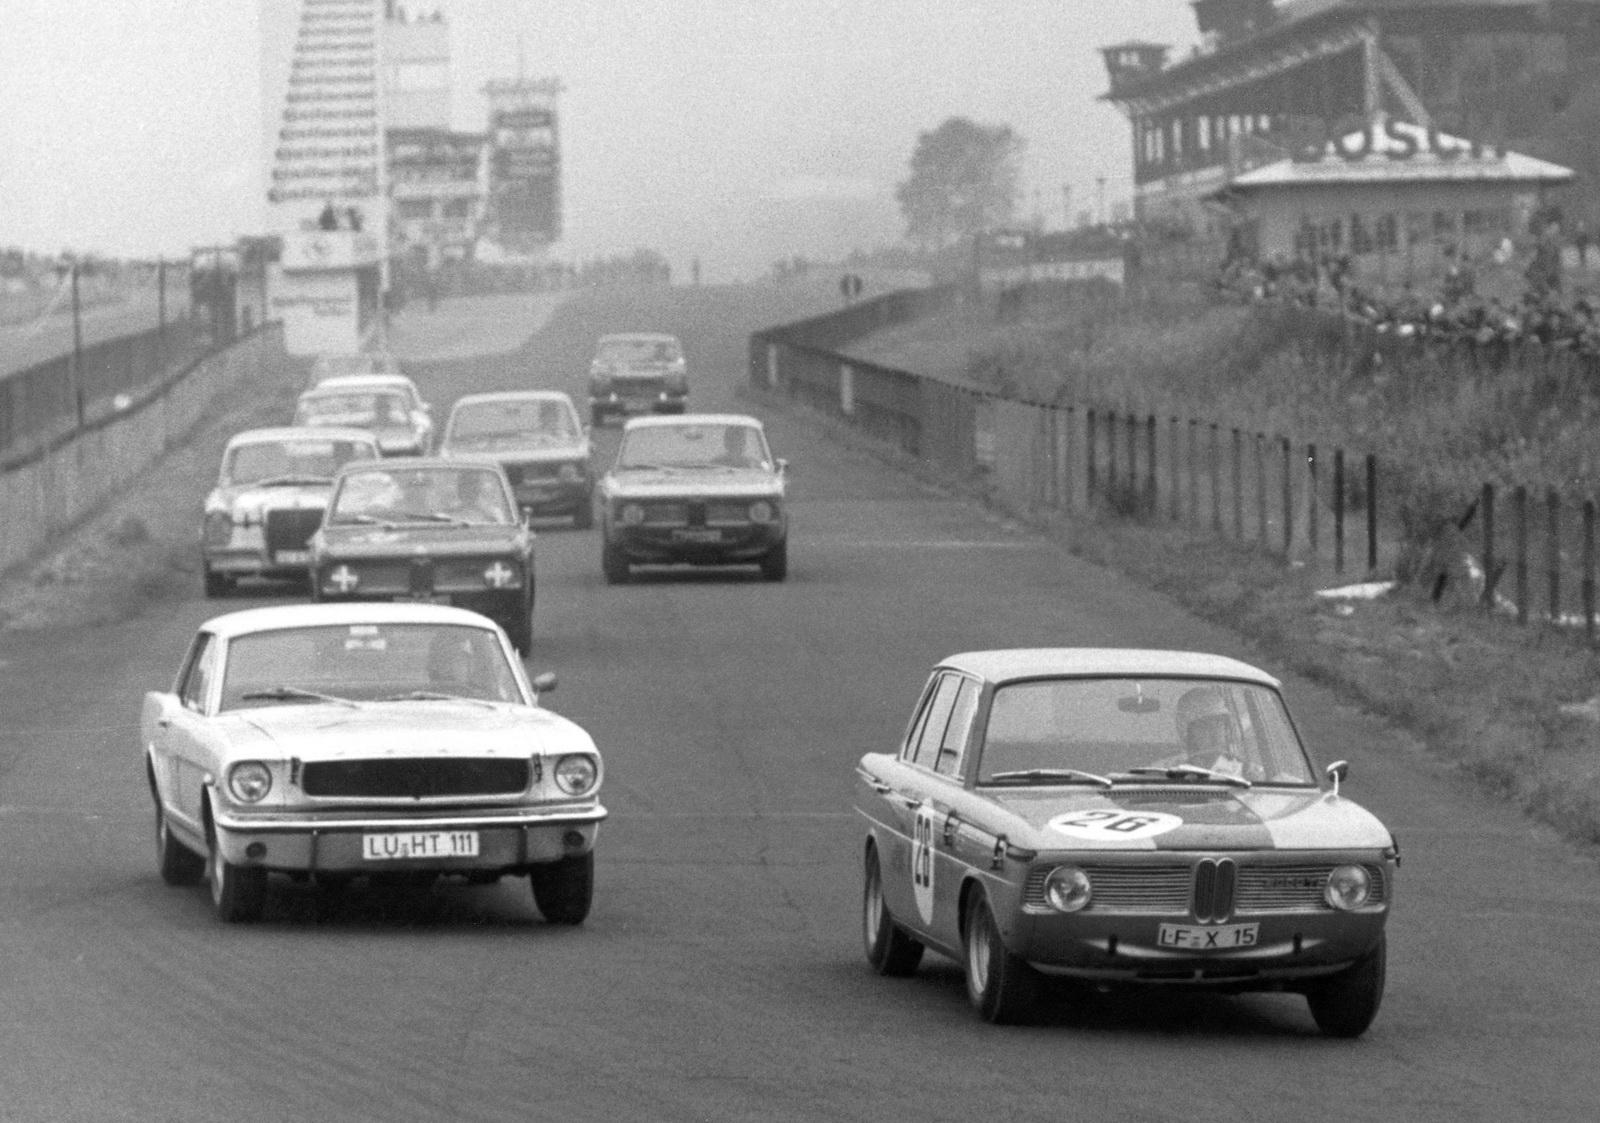 Neue-Klasse คือสปอร์ตซาลูนที่สร้างคำนิยามให้ DNAของ BMW จนทุกวันนี้ ในภาพเป็นรุ่น 2000ti แข่งใน Nurburgring ปี'66